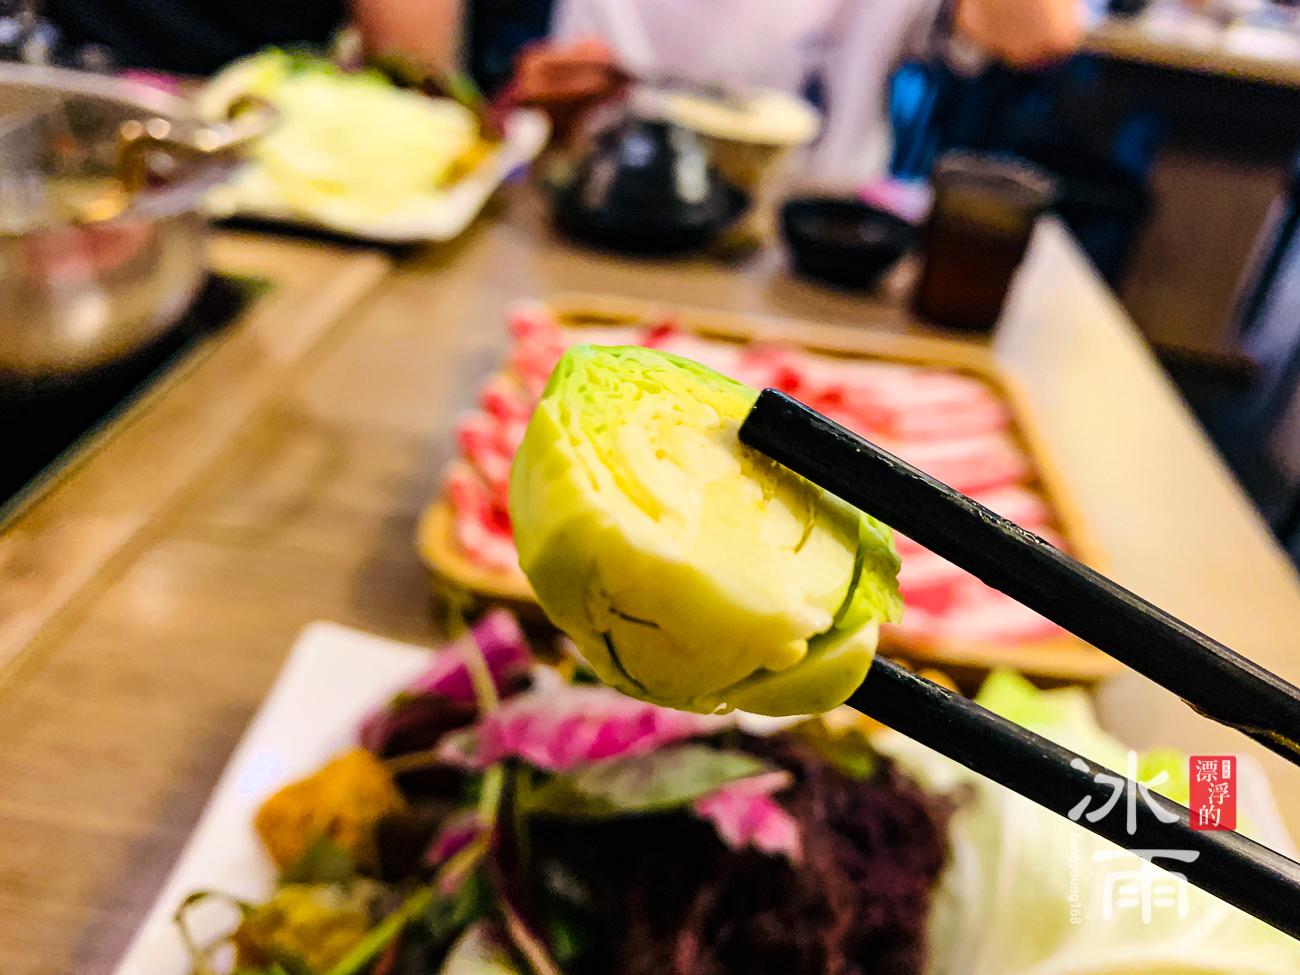 築湘養生麻辣火鍋店|菜盤近照